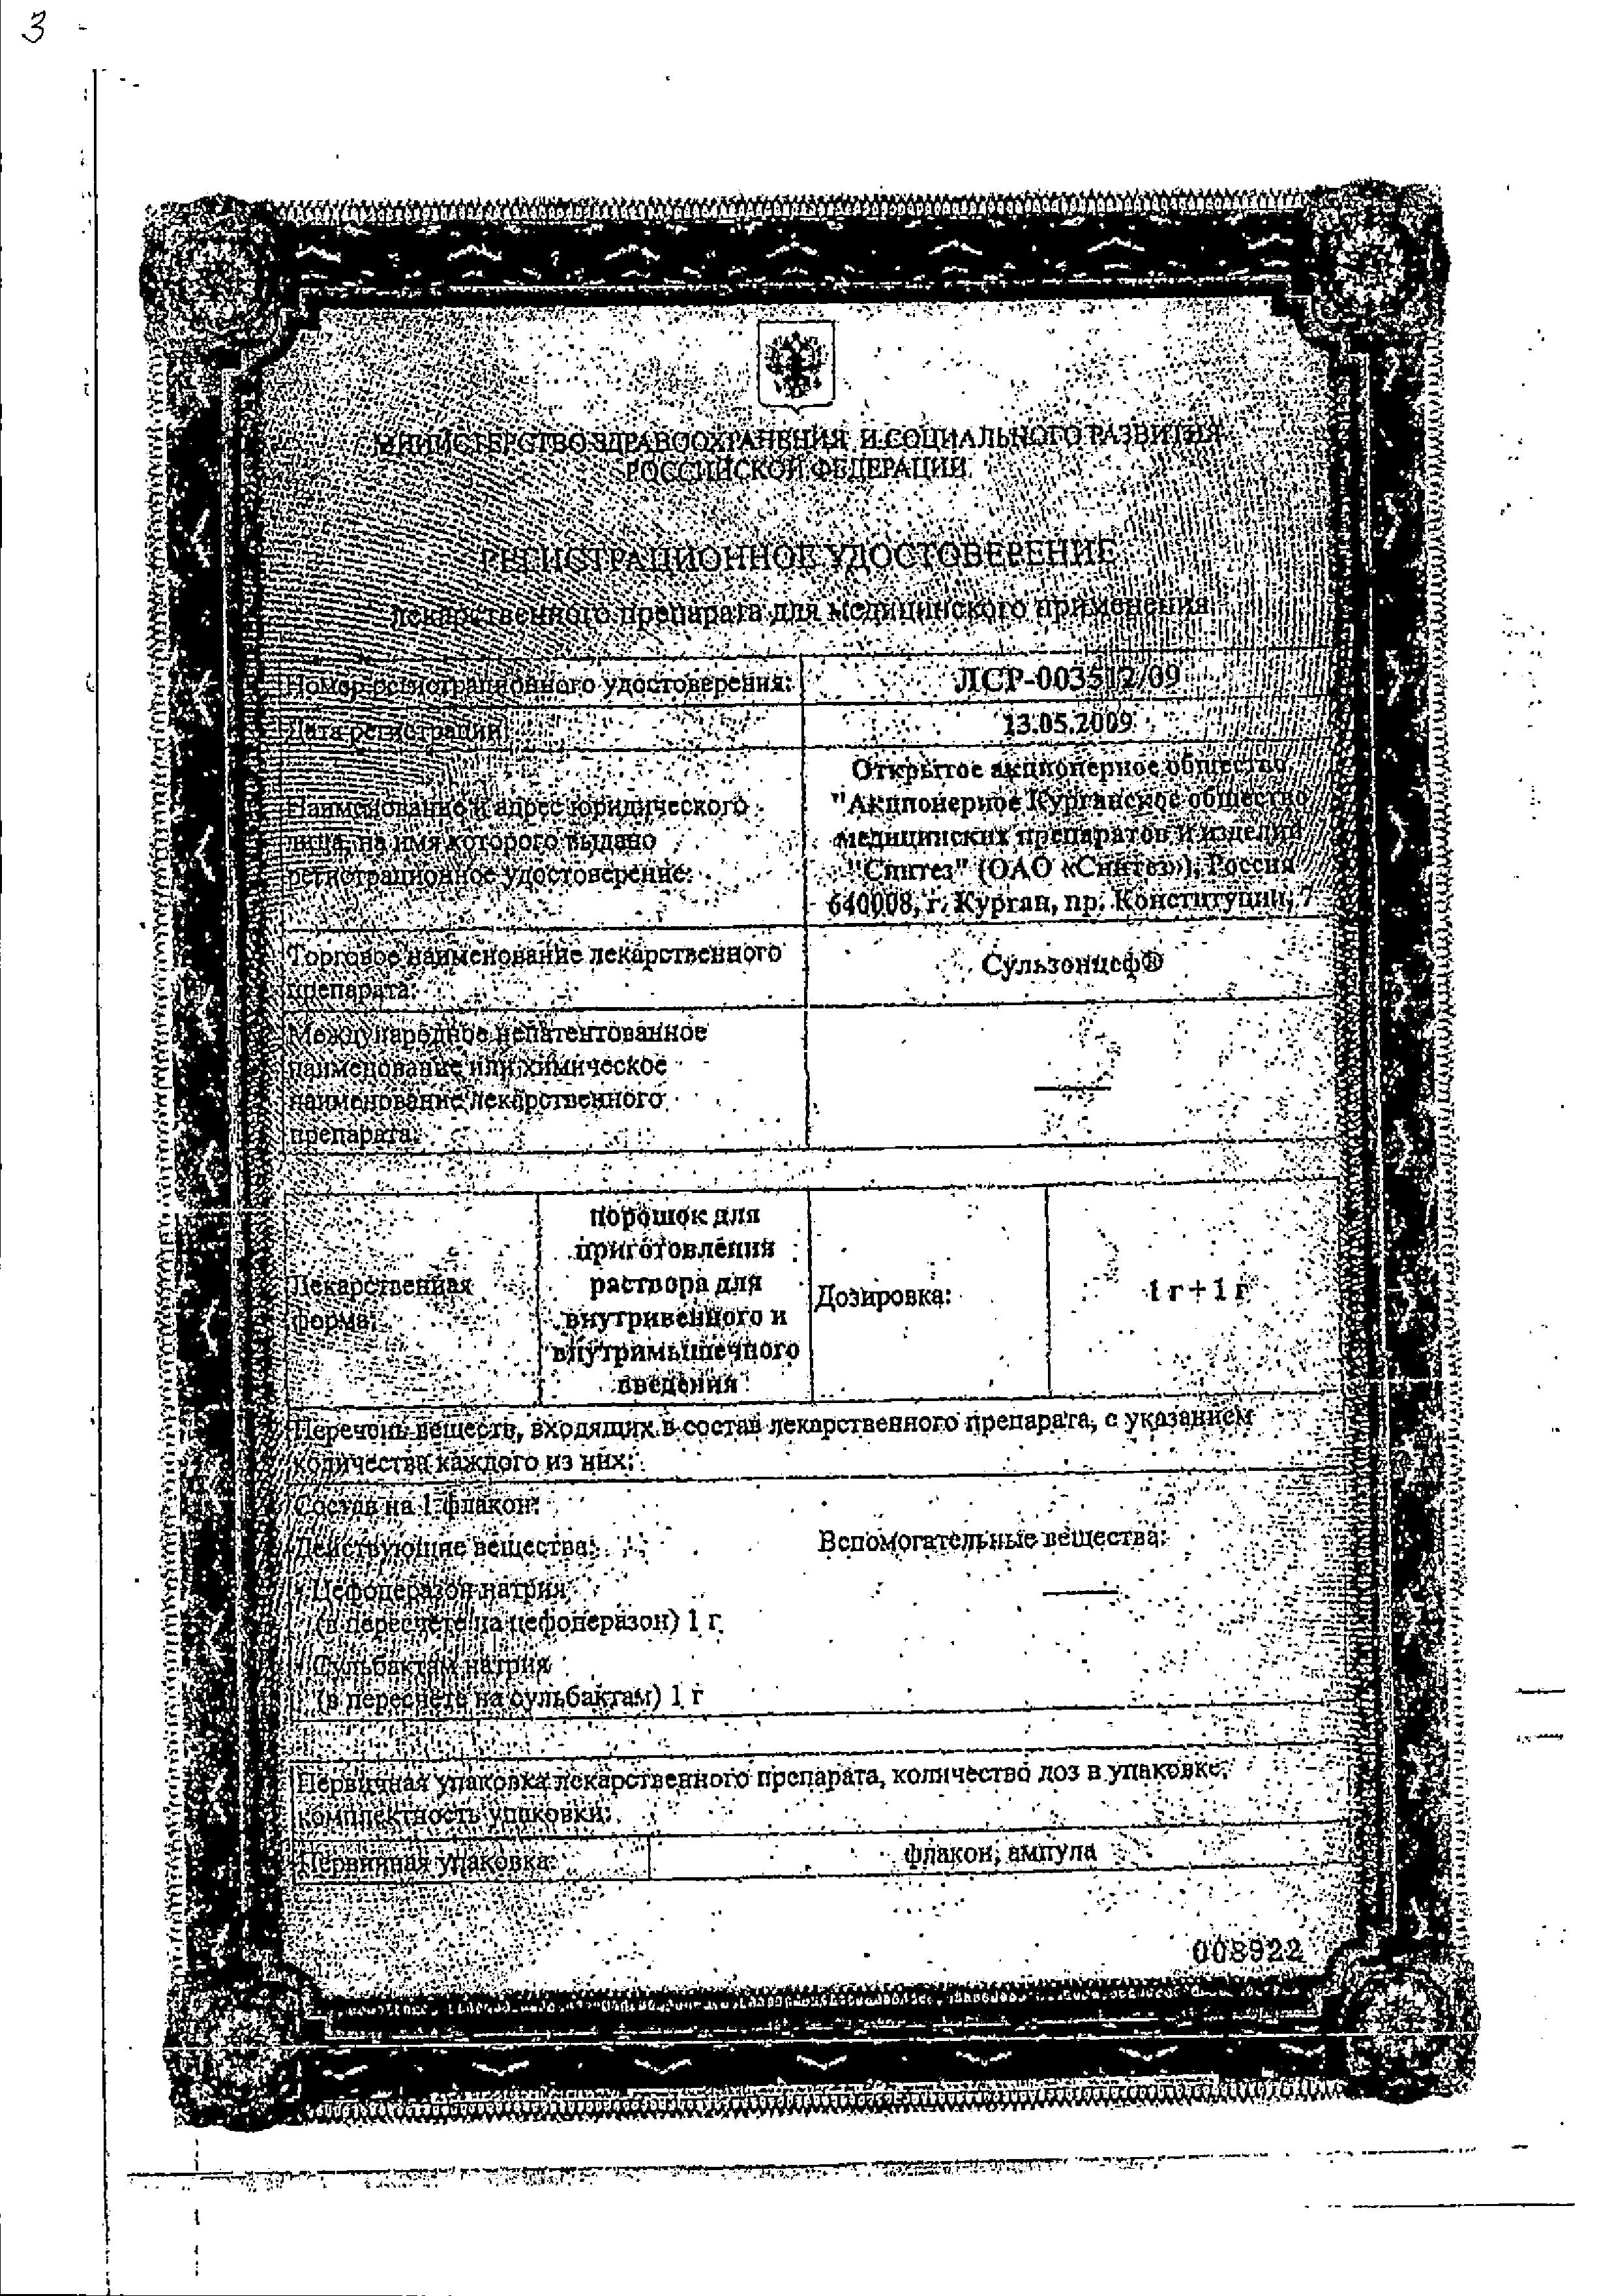 Сульзонцеф сертификат